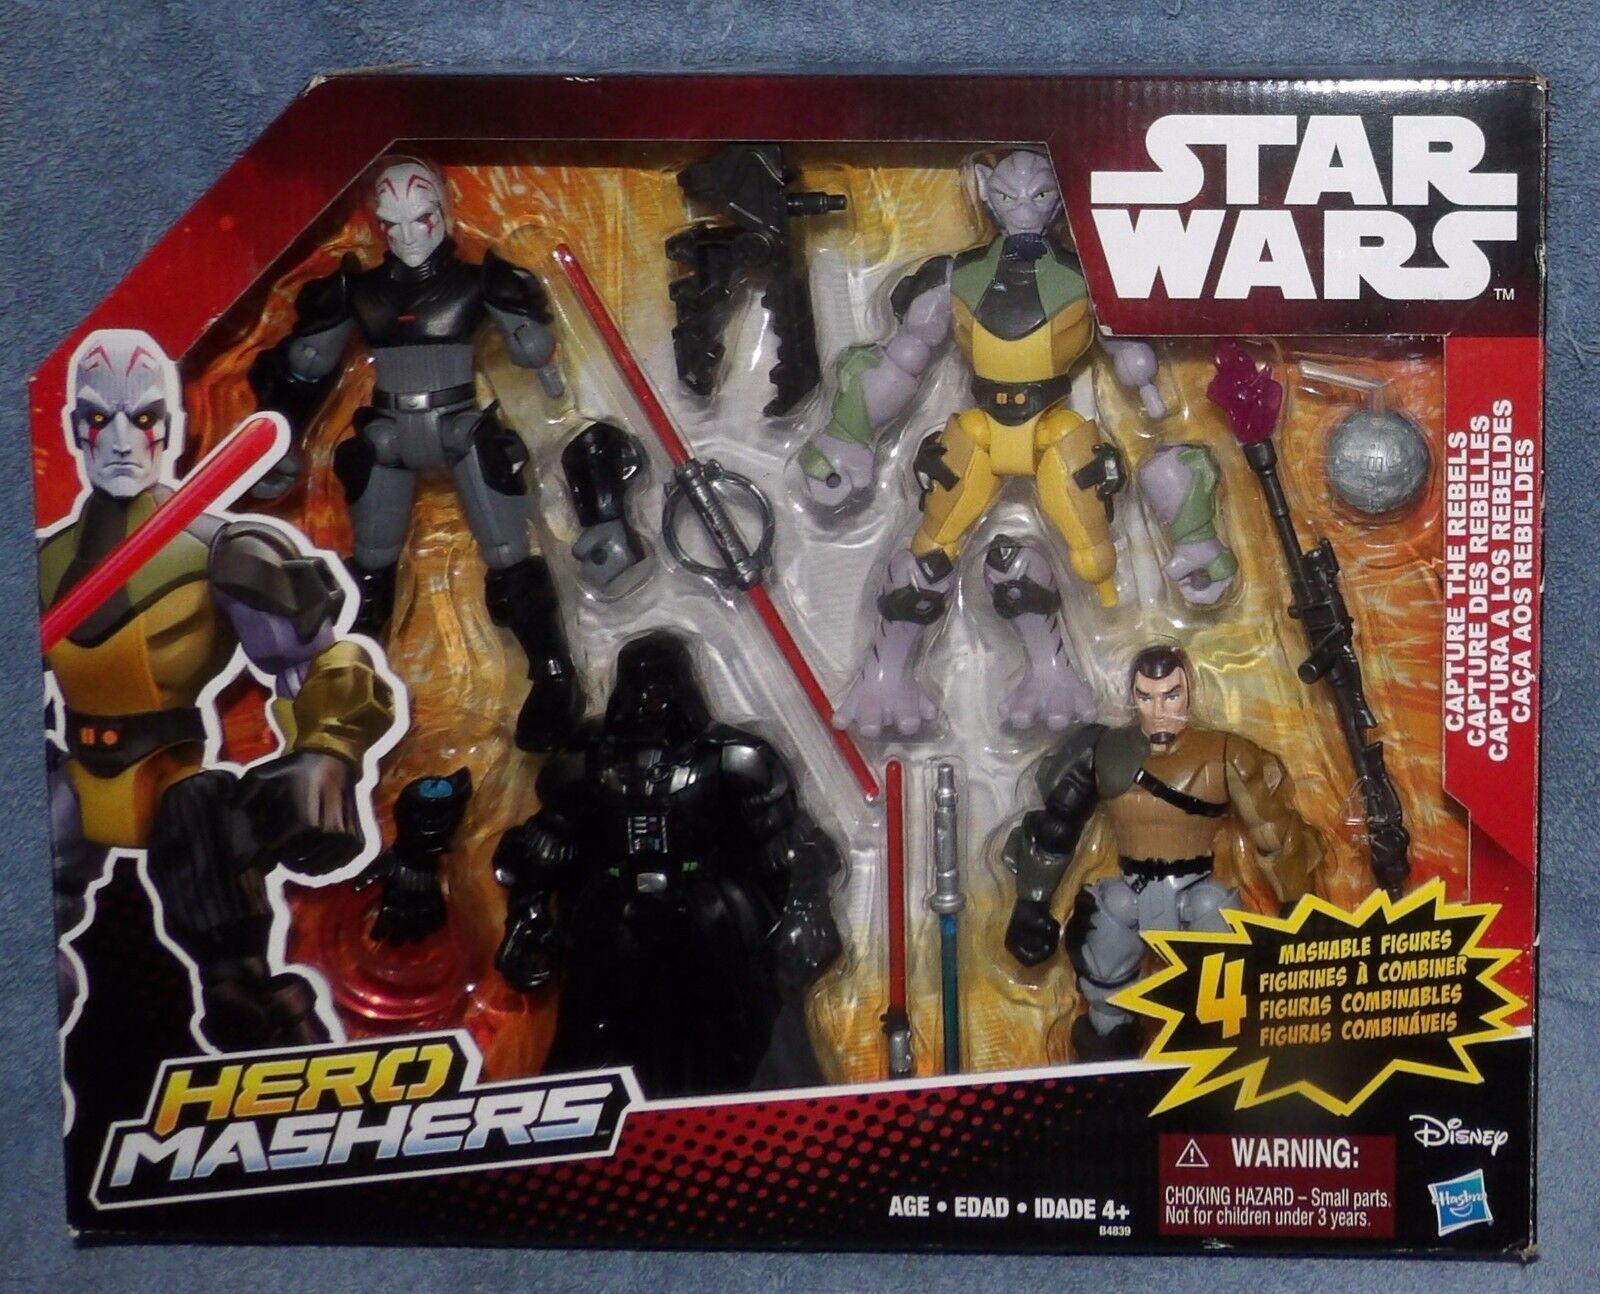 gran selección y entrega rápida Estrella Wars 2015 Hero mashers captura los los los rebeldes Set 4 Figuras  envío gratuito a nivel mundial